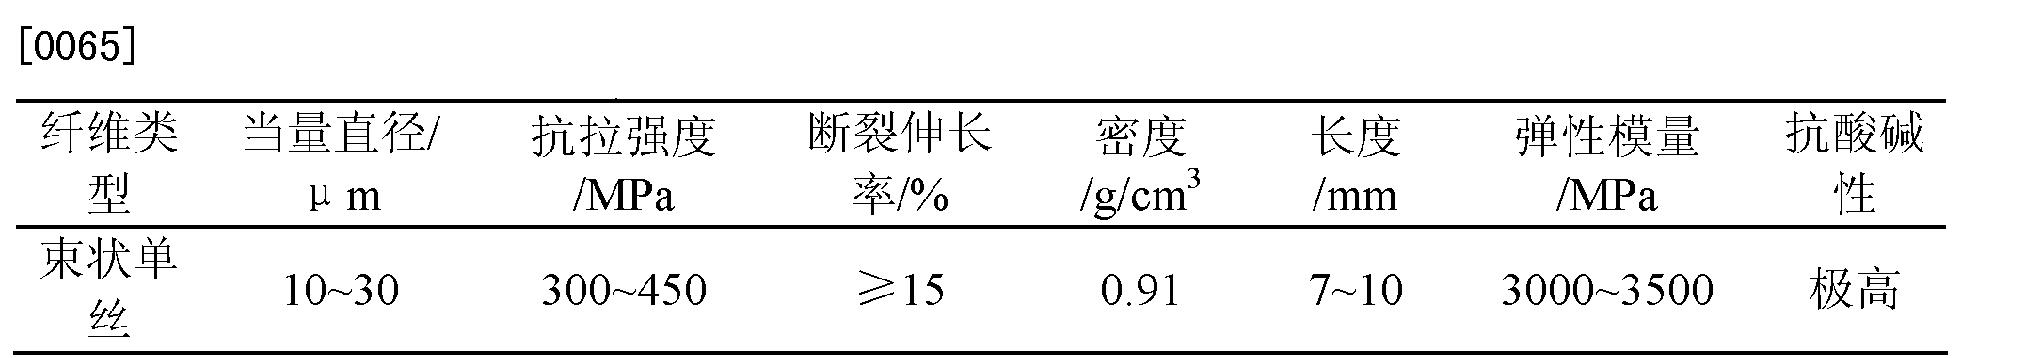 Figure CN102584118BD00081